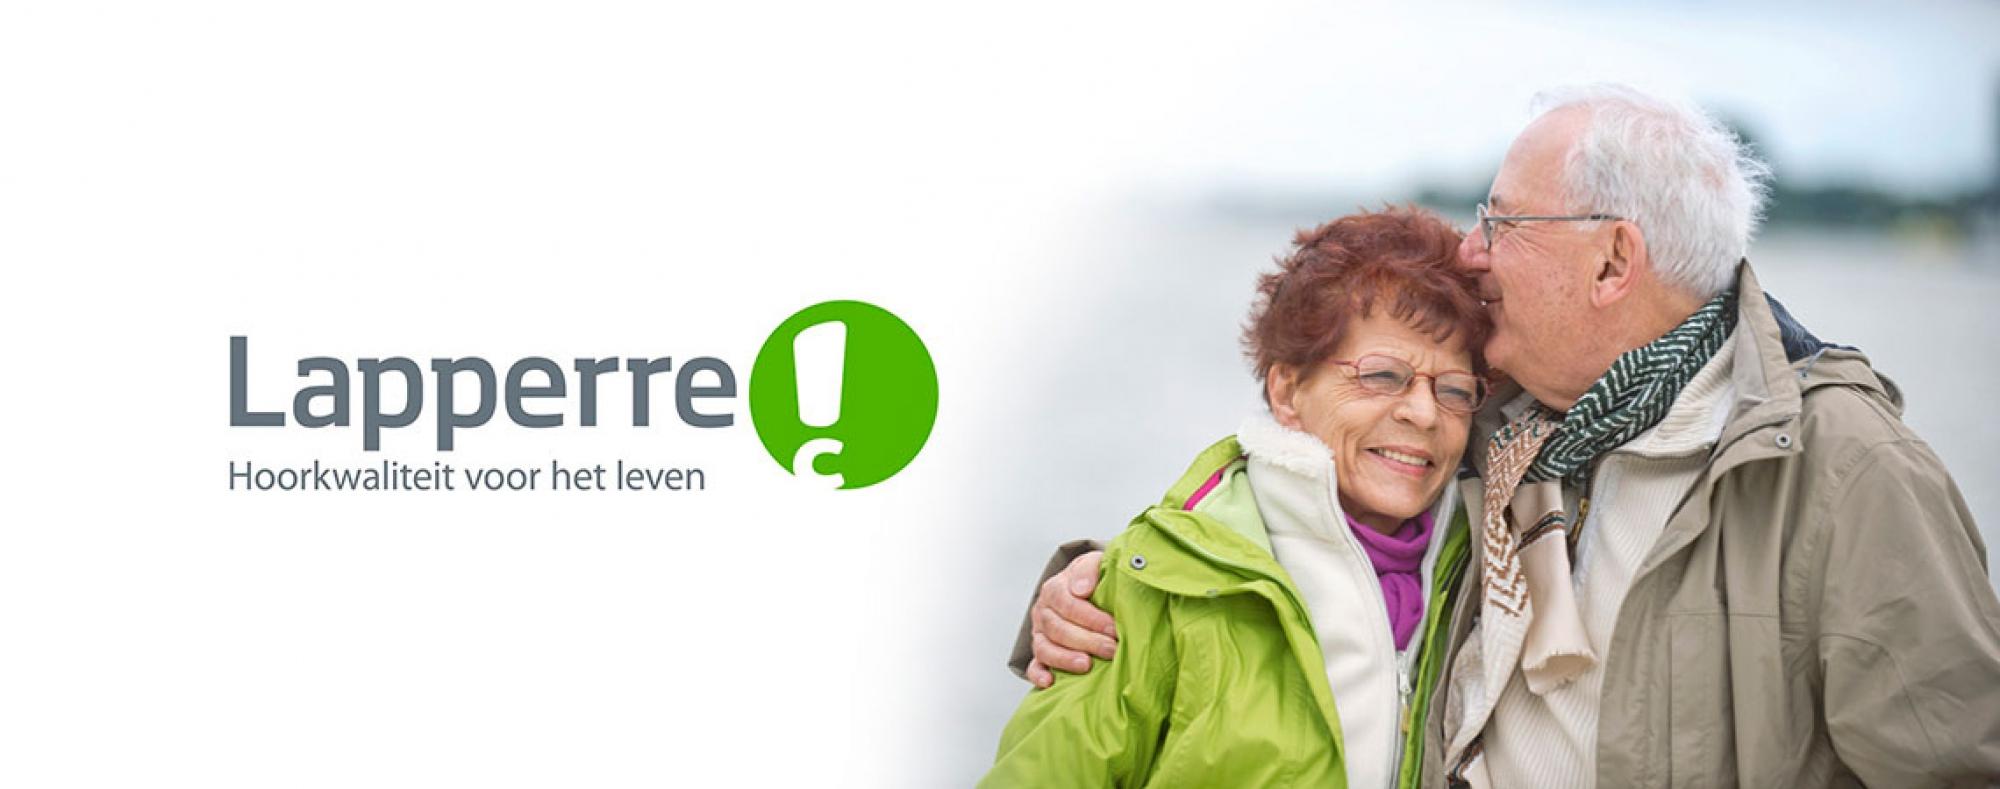 Optiek Van De Keere - Zottegem - Lapperre - hoorapparaten - gratis hoortest